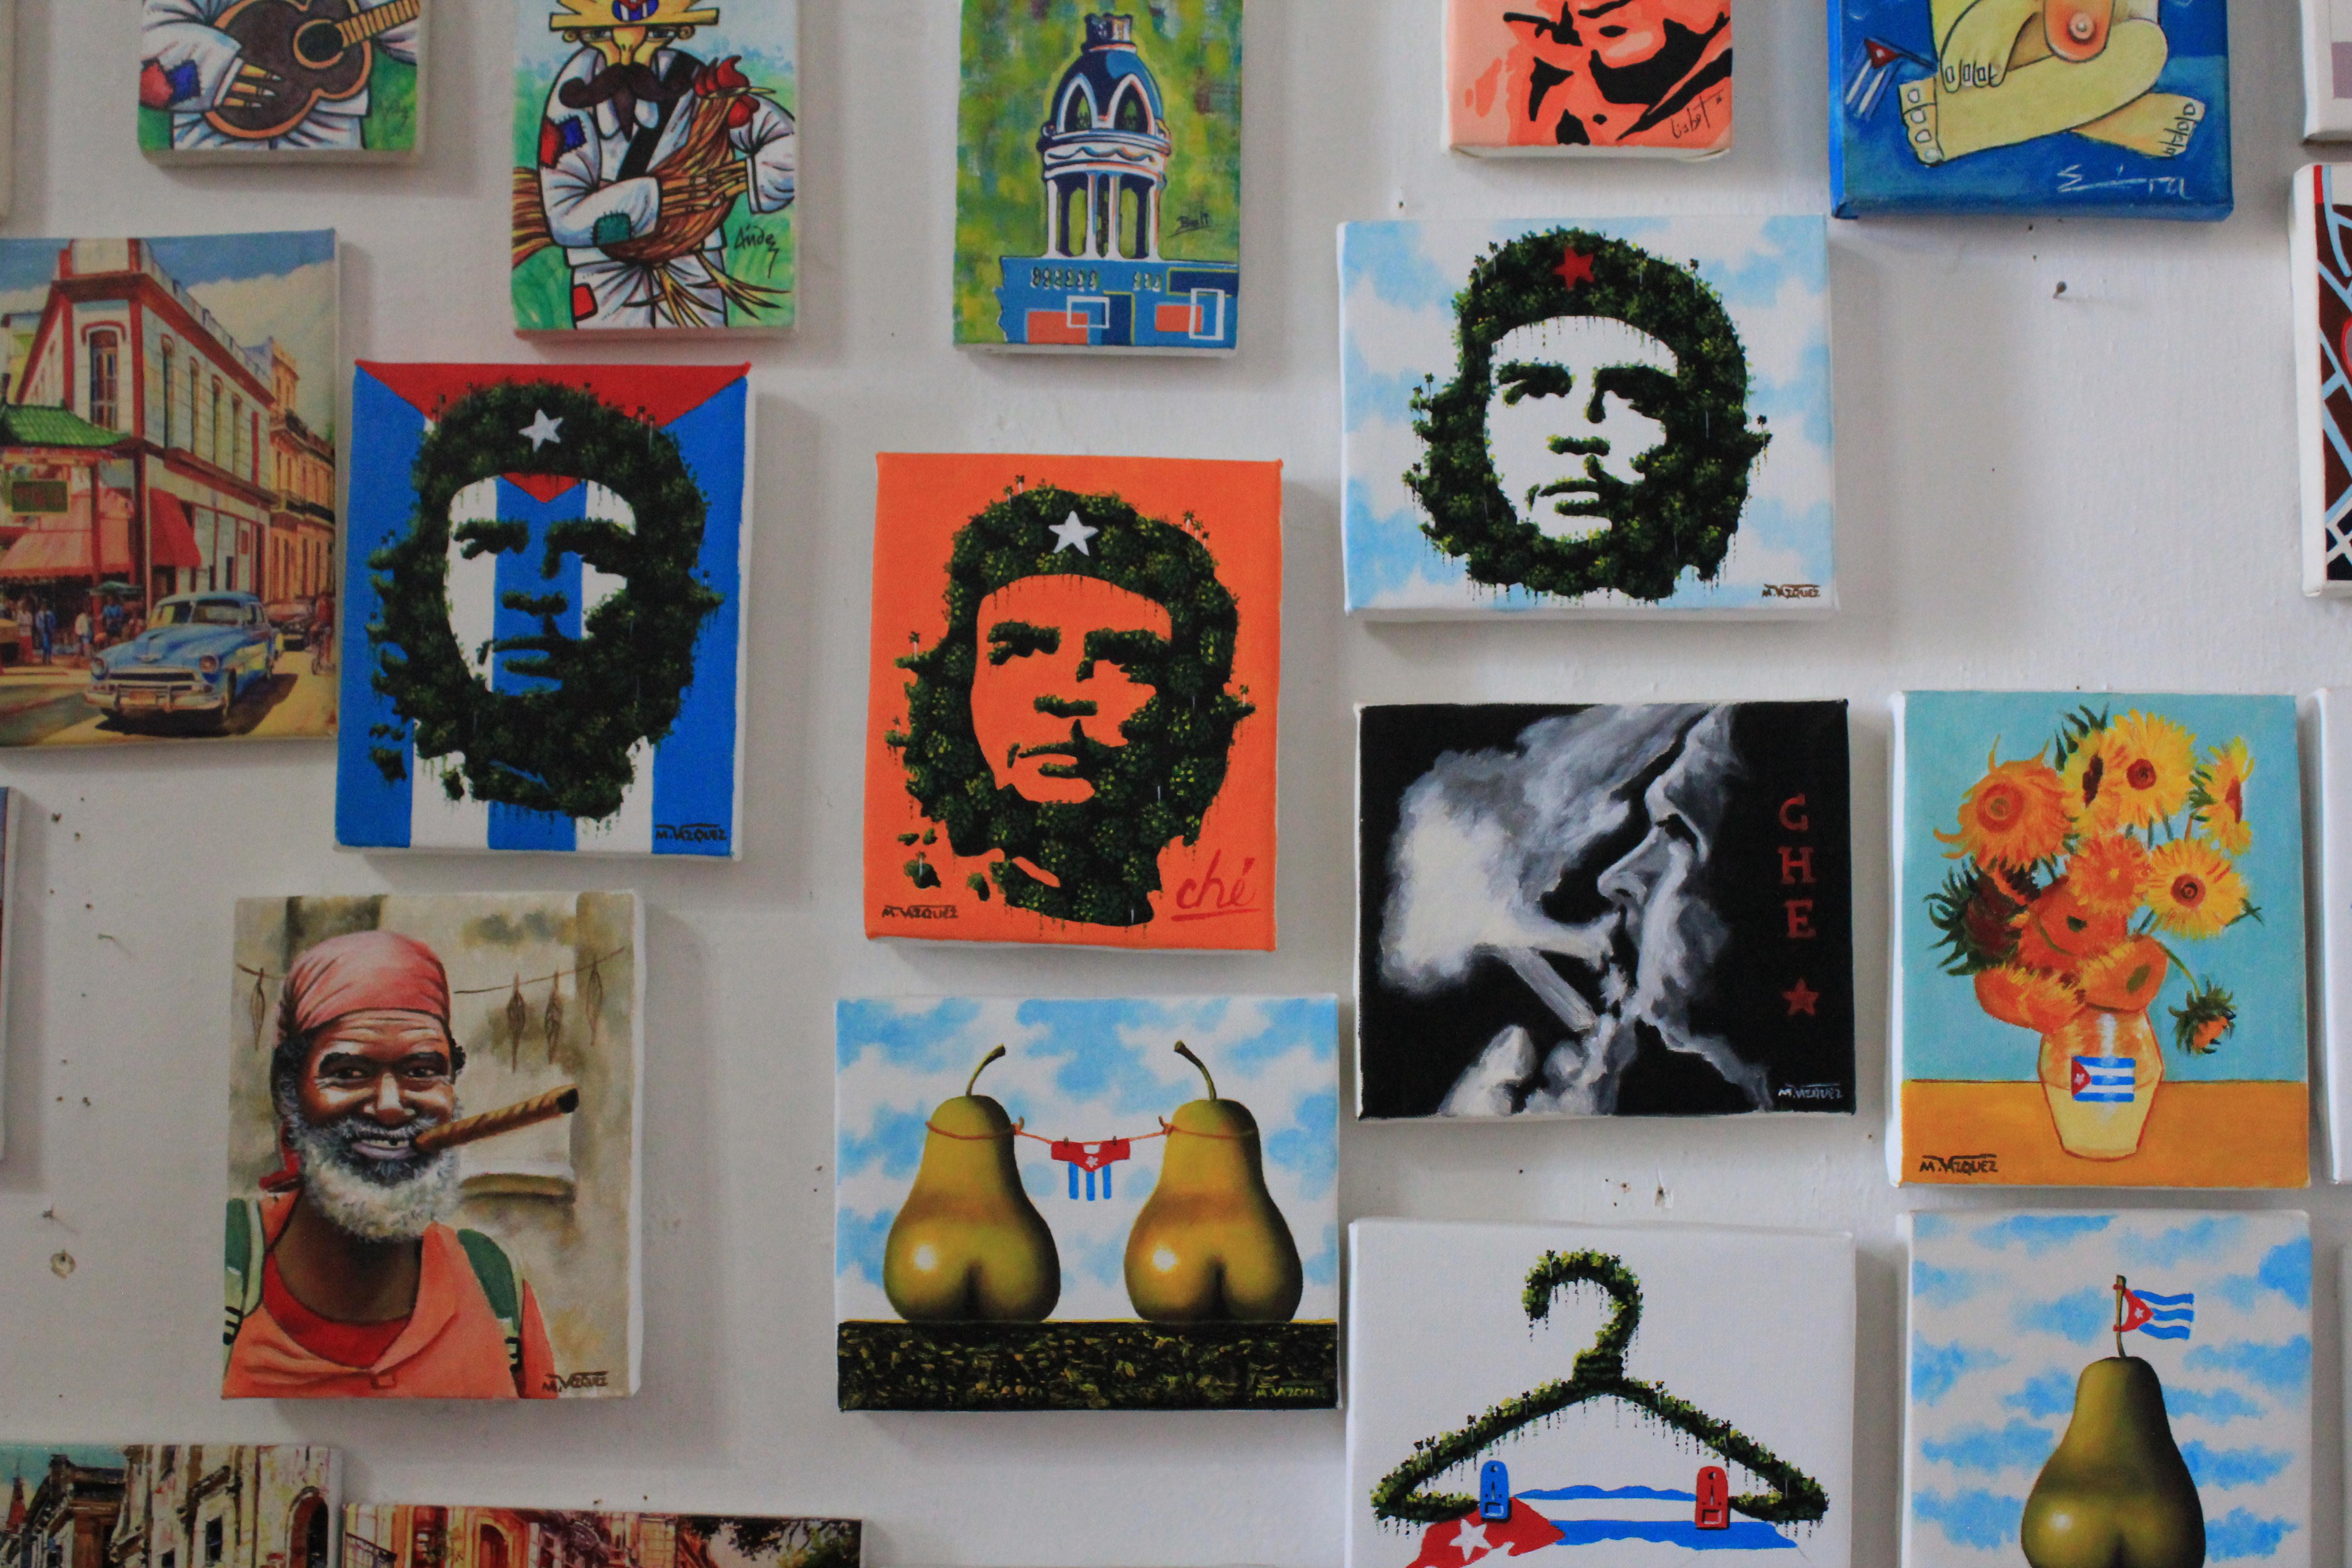 Cienfuegos-Art-2 A Cuban Road Trip, Part 1 - Cienfuegos Cienfuegos Cuba